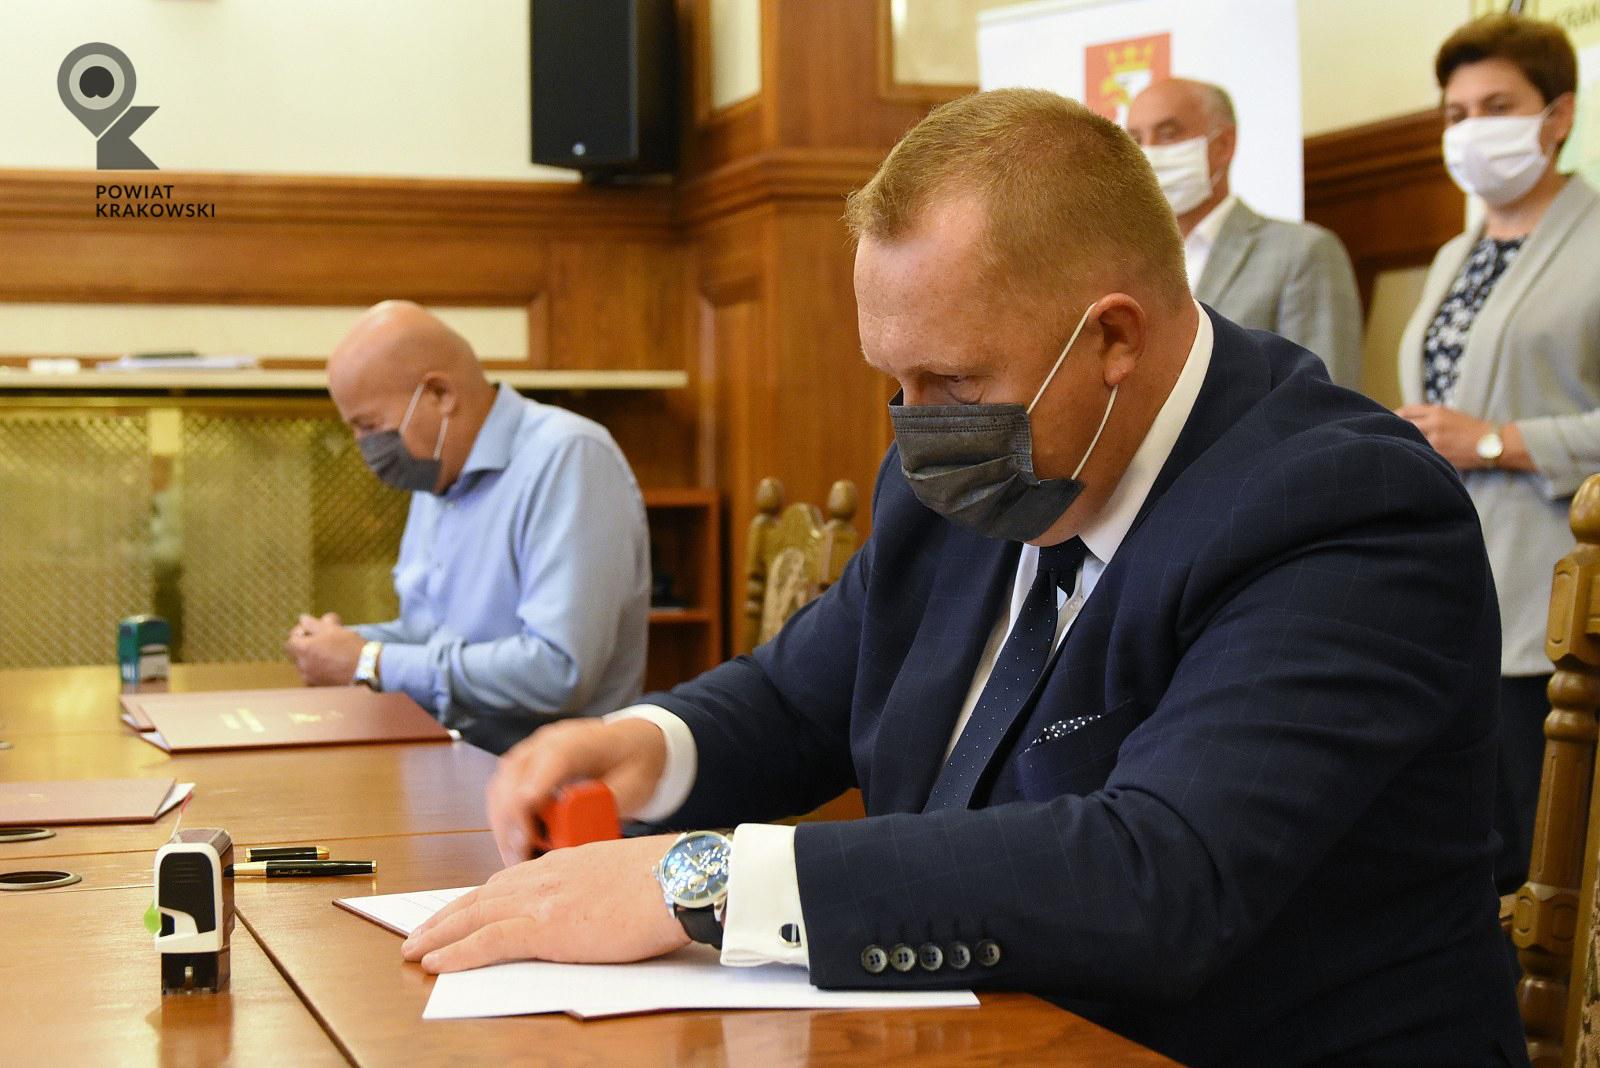 Podpisanie umowy w Starostwie Powiatowym w Krakowie 5